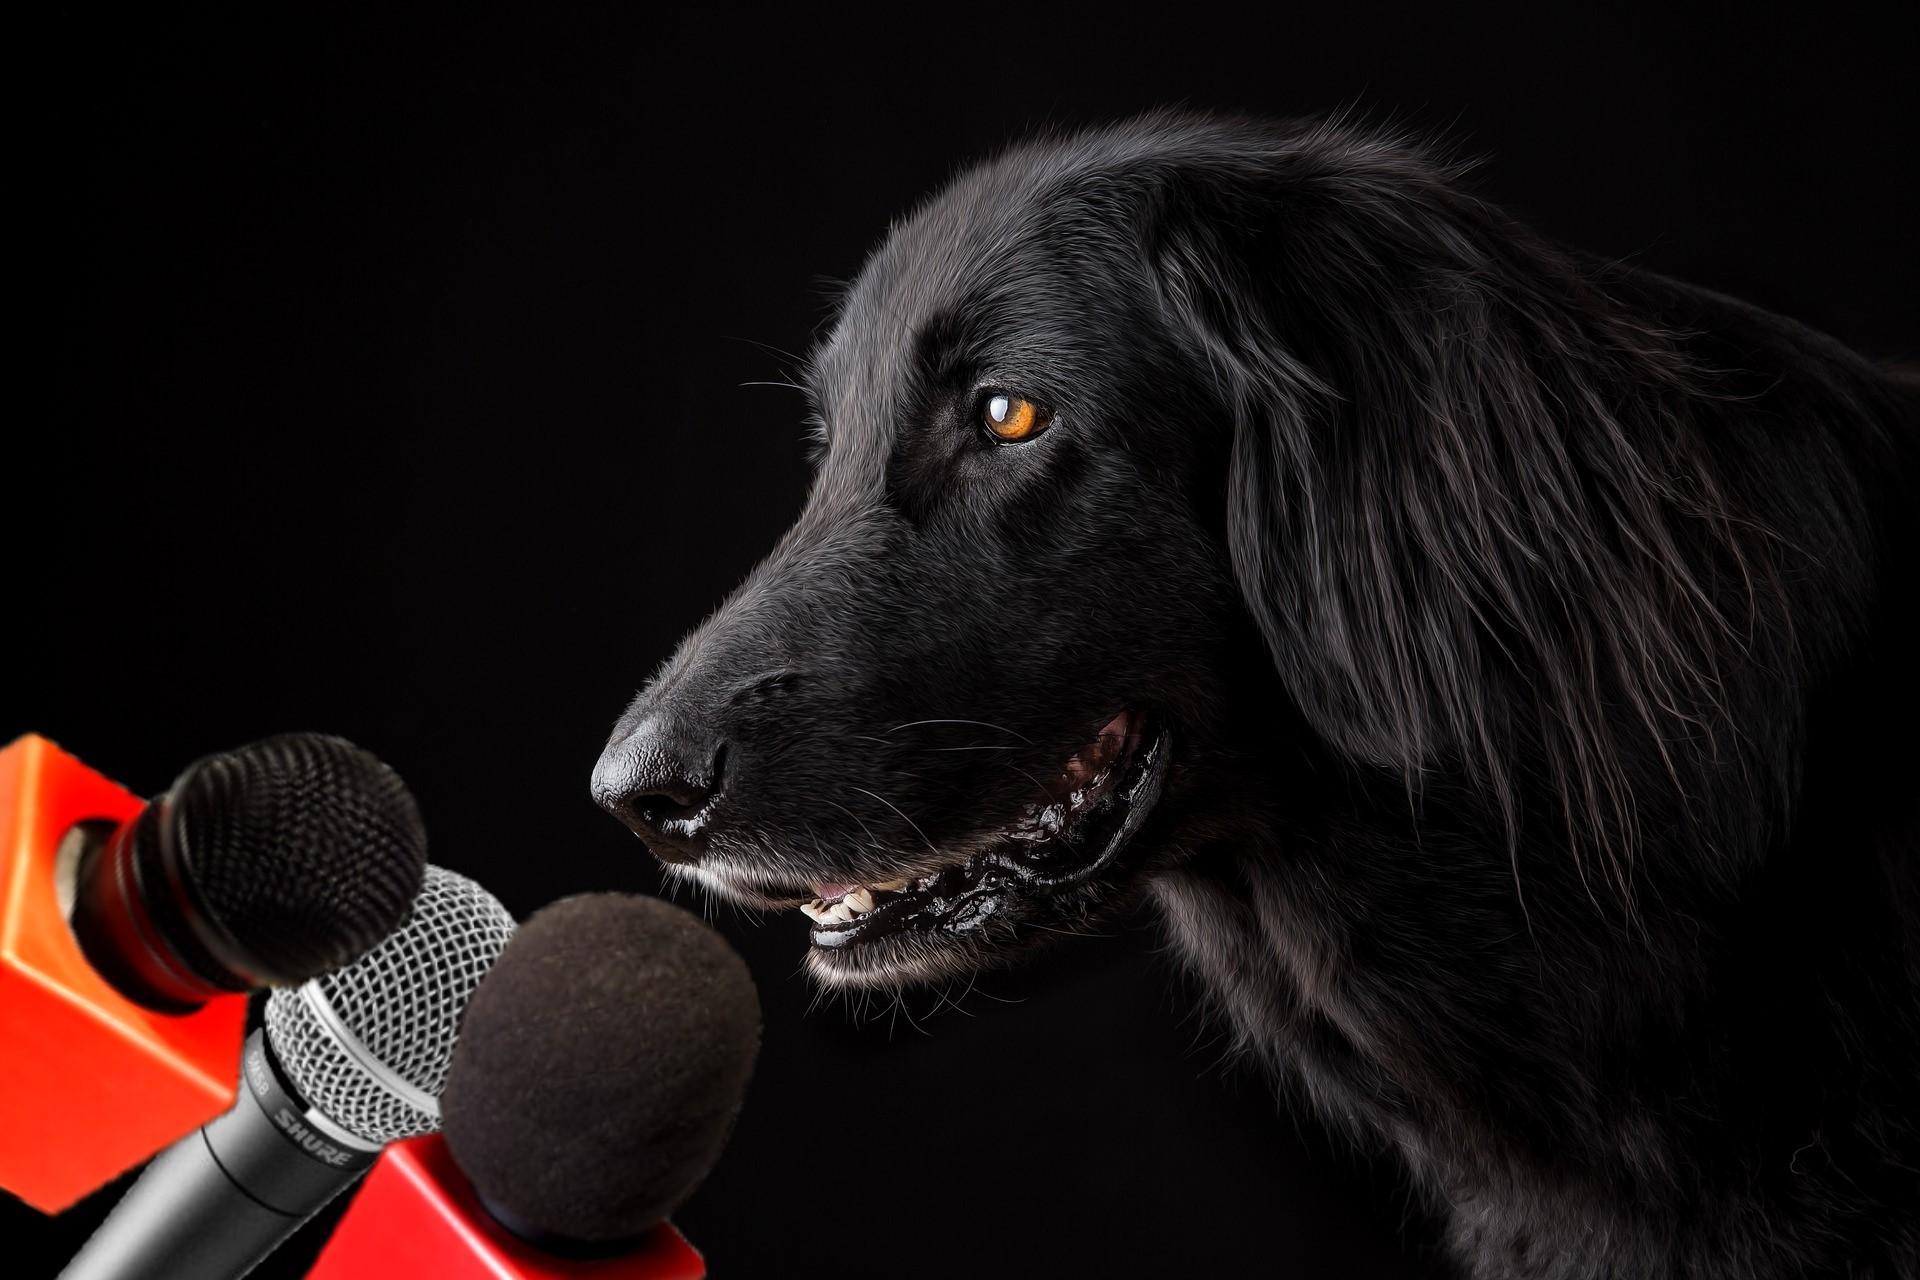 El sindicato canino se niega a la adopción de más perros durante el confinamiento